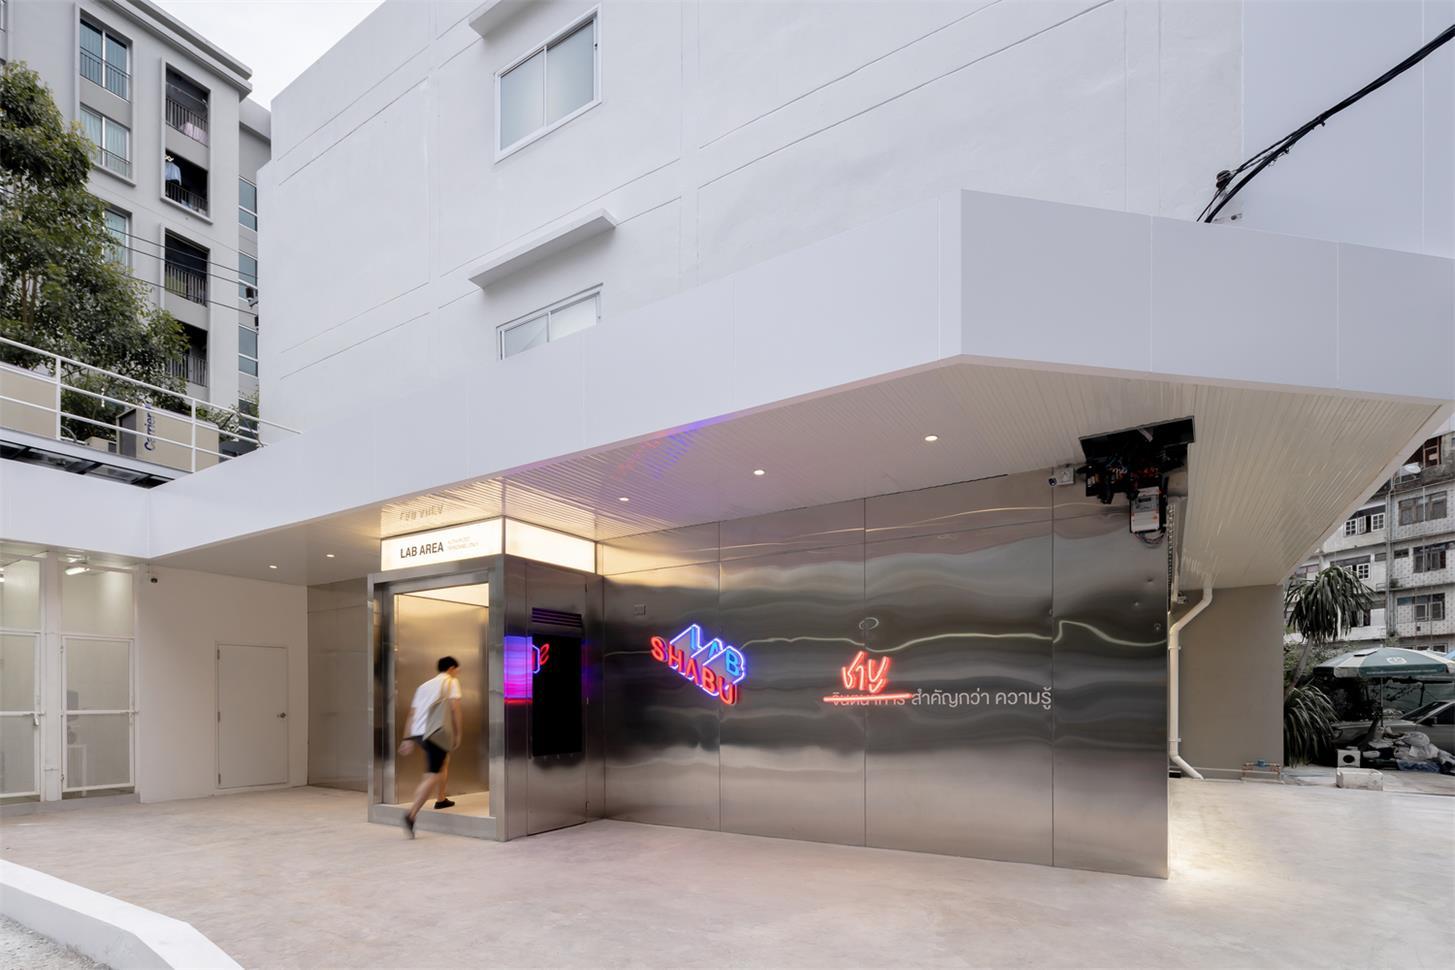 涮锅店设计,麻辣烫店设计,餐厅设计,新概念餐厅设计,火锅店设计,餐厅设计方案,餐厅设计图片,店面设计,商业空间设计